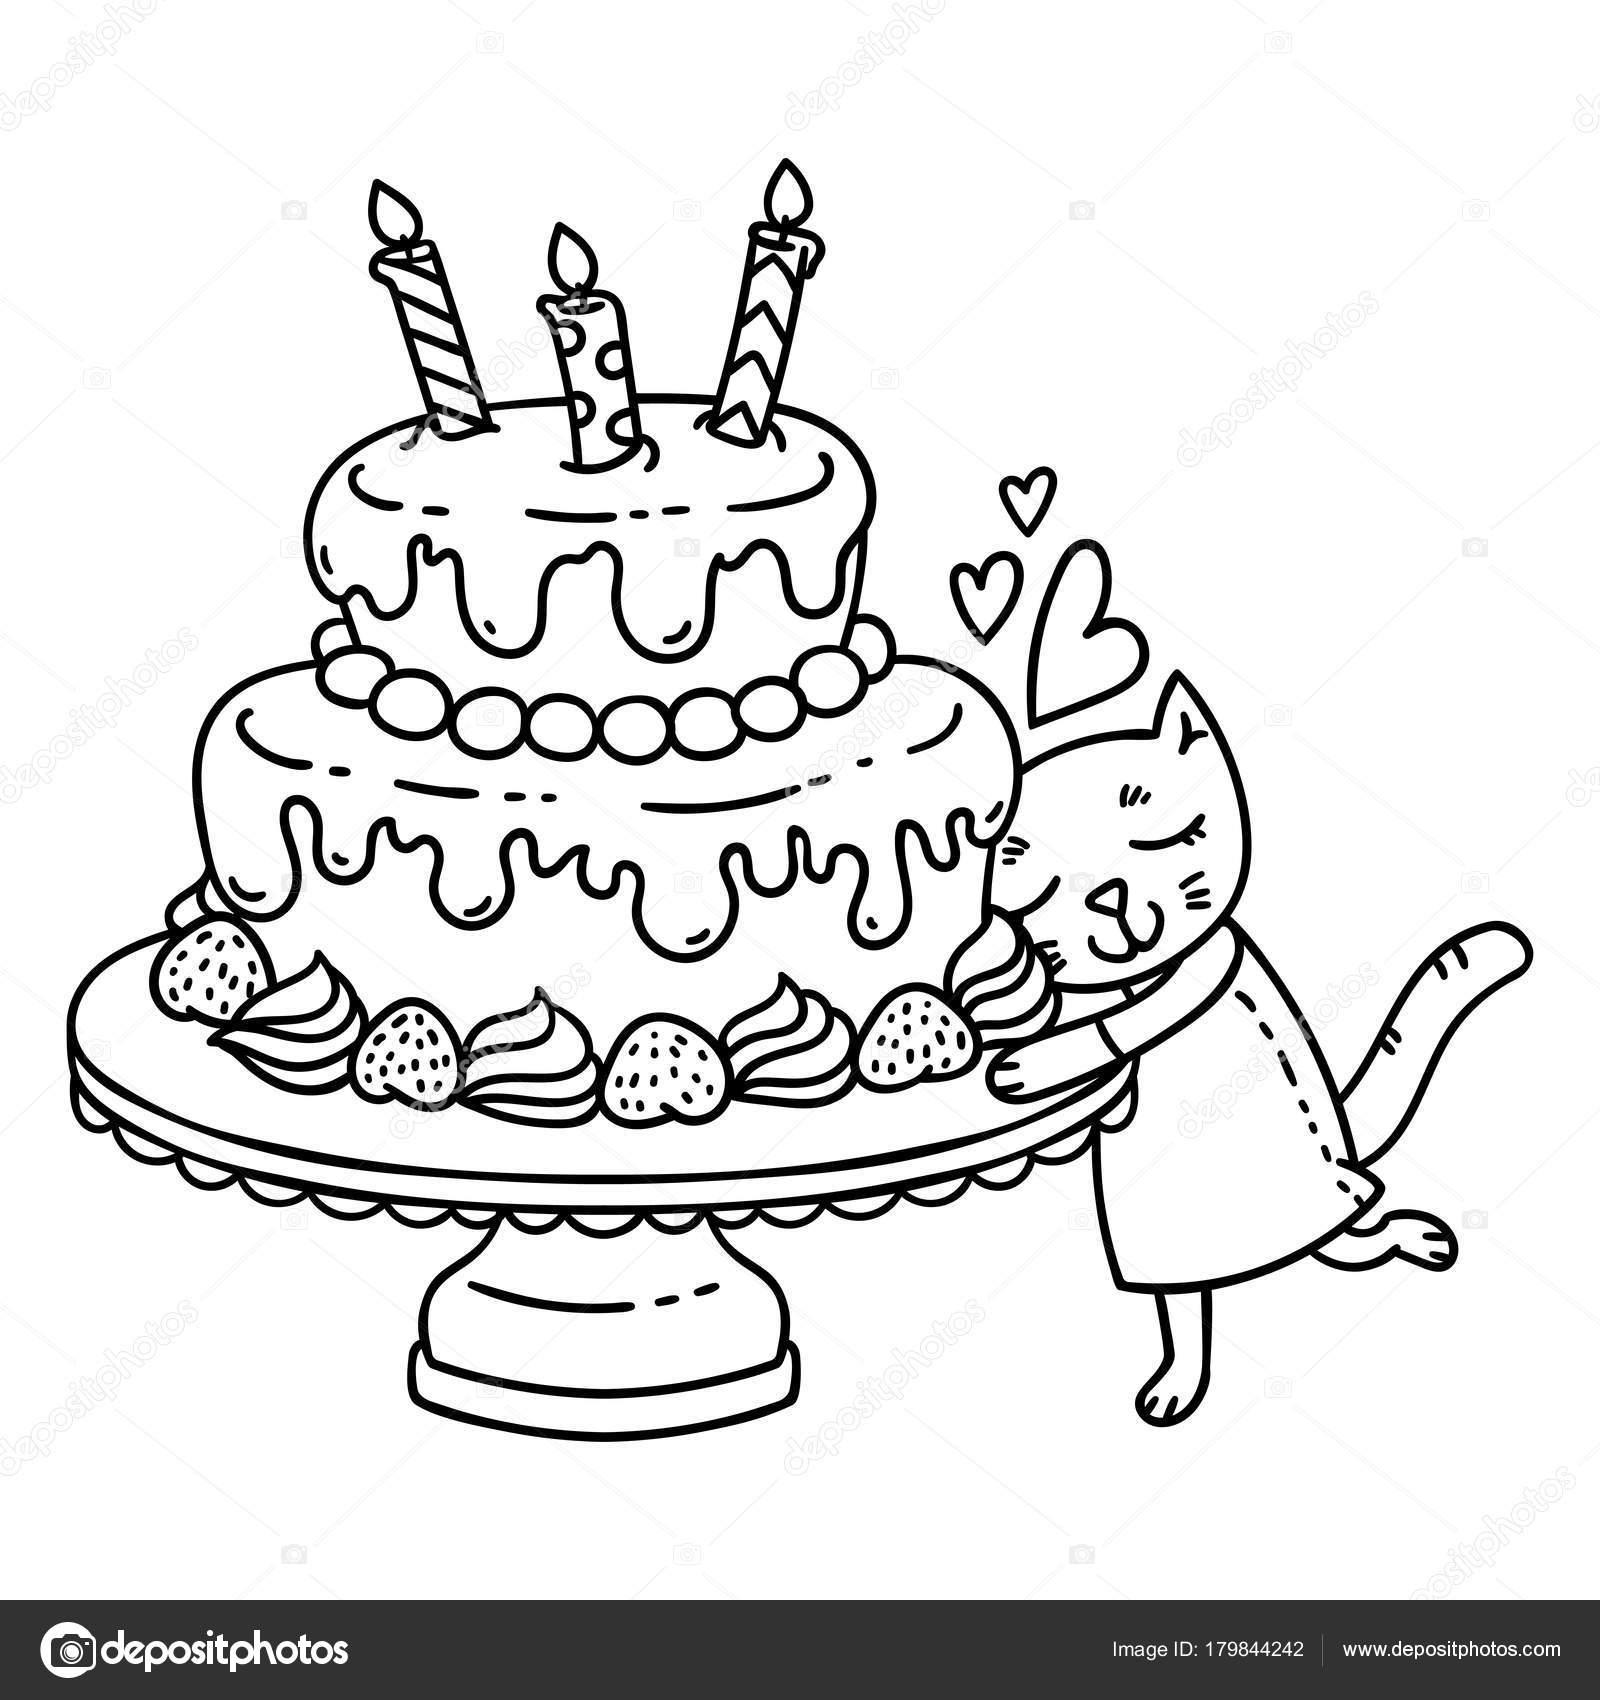 Geburtstagstorte Mit Kerzen Und Süße Katze Isolierte Objekte Auf ...